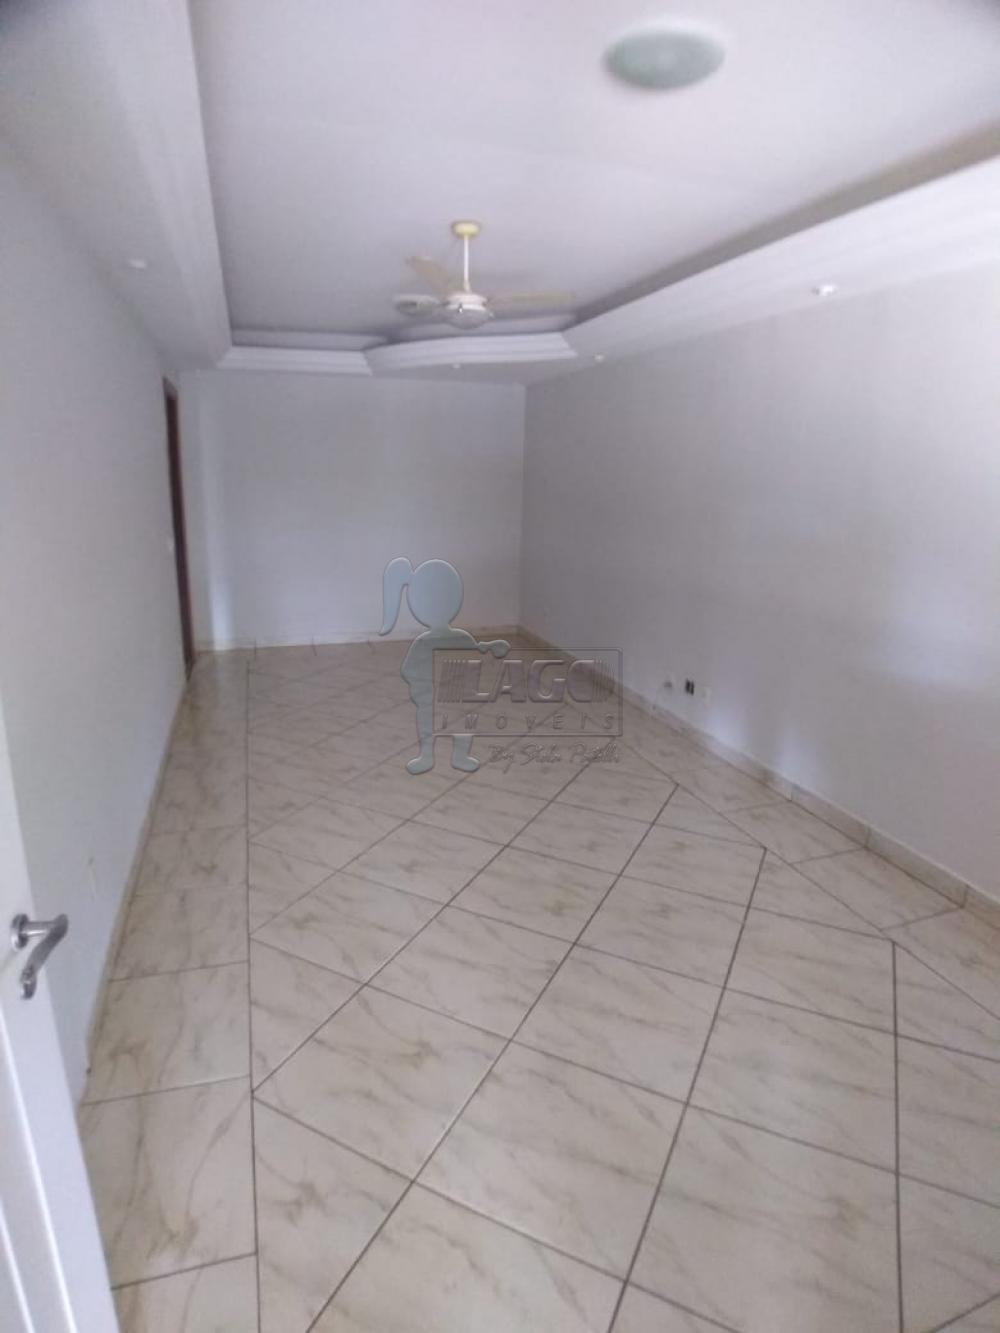 Alugar Casas / Condomínio em Ribeirão Preto apenas R$ 1.400,00 - Foto 2